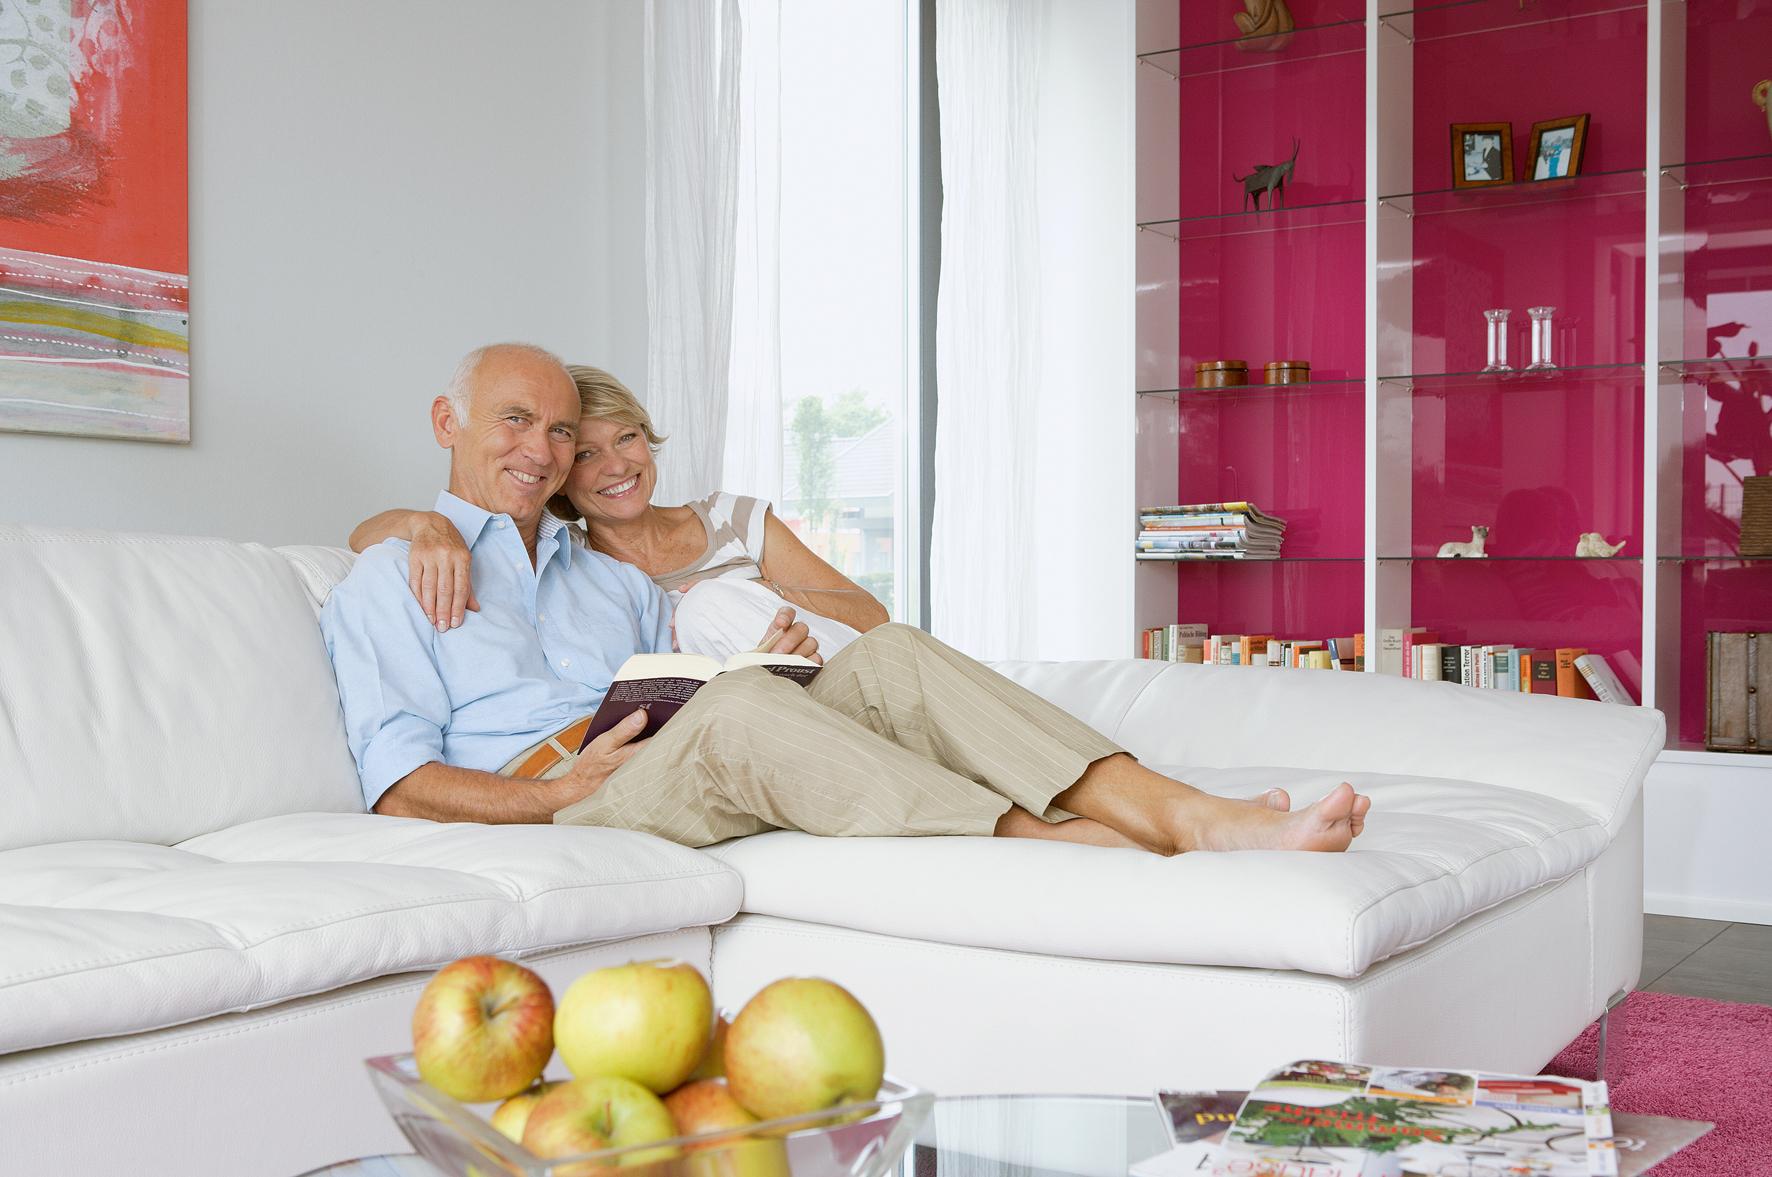 Damit man auch im Alter die eigenen vier Wände genießen kann, werden barrierearme Umbauten mit staatlichem Wohn-Riester gefördert.